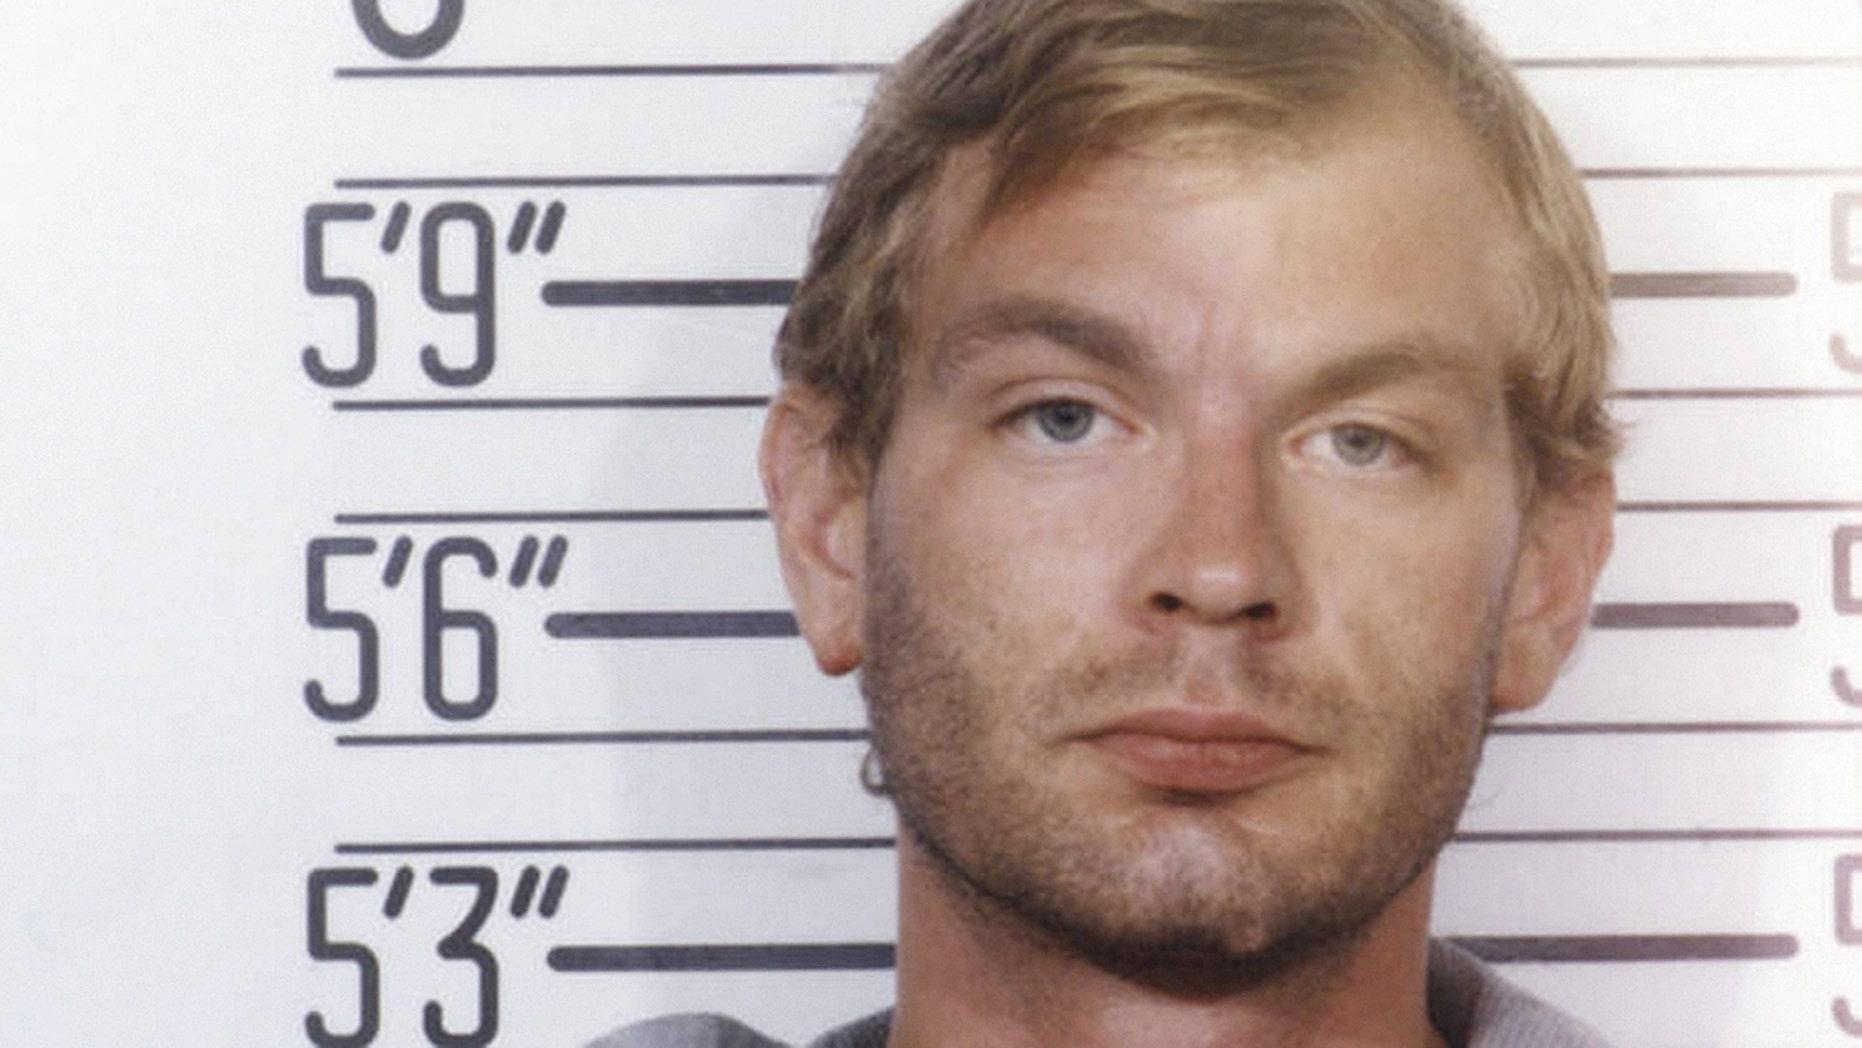 Ve Tl Serial Killer Jeffrey Dahmers Sketch Showed Plans For Shrine Of Skulls